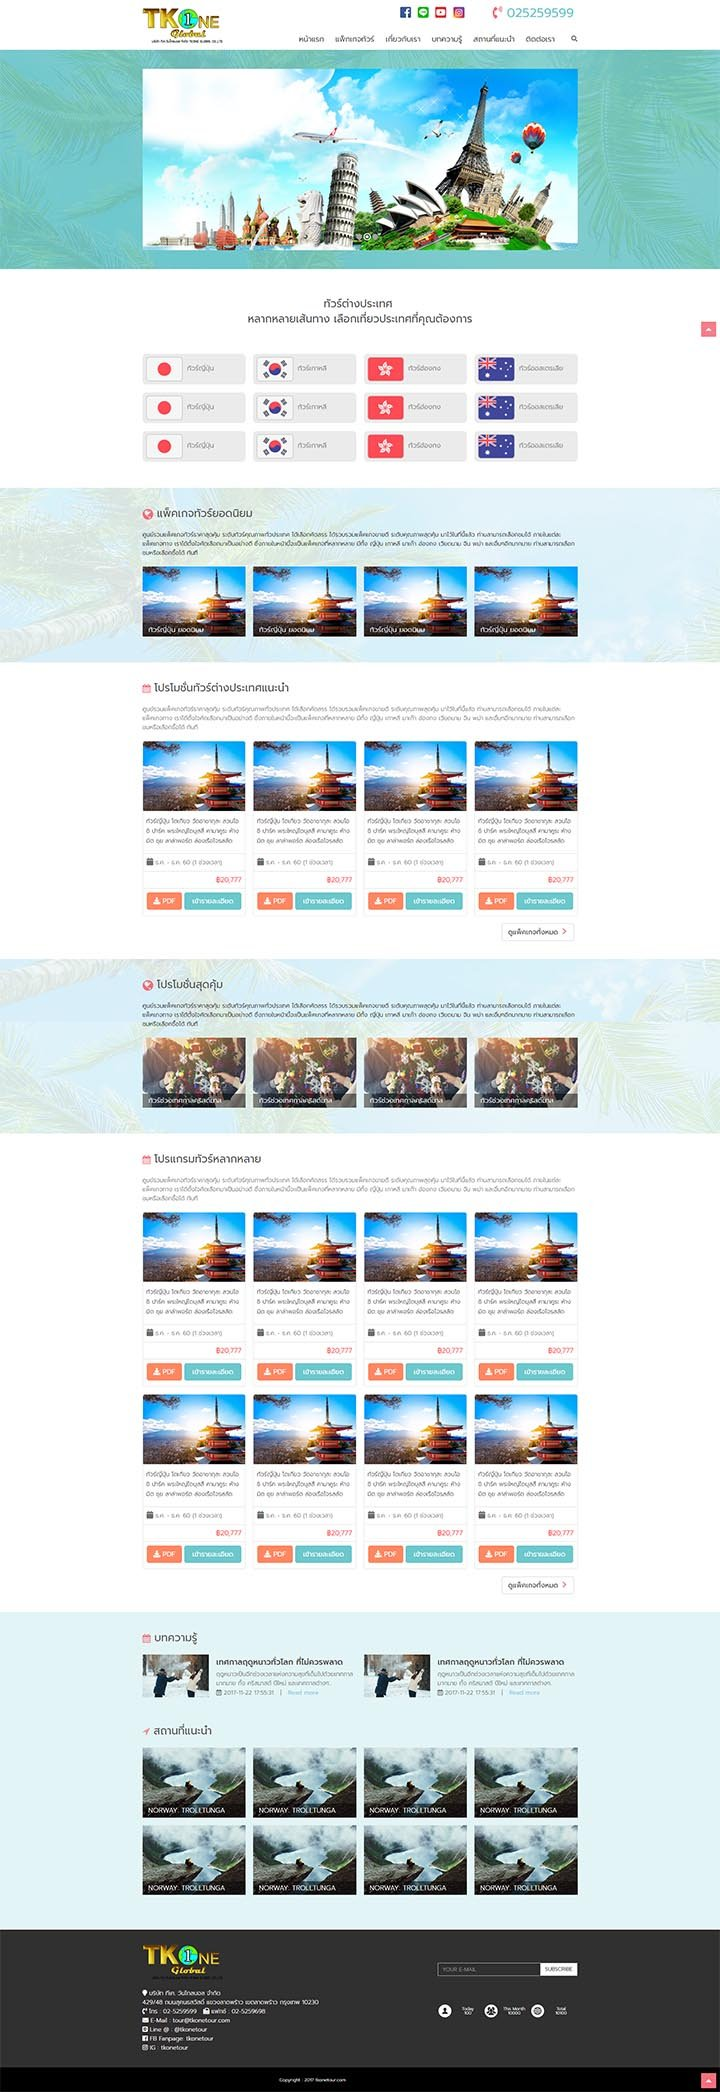 บริษัททำเว็บทัวร์ท่องเที่ยว,ทำเว็บทัวร์ต่างประเทศ,ออกแบบเว็บทัวร์ในประเทศ